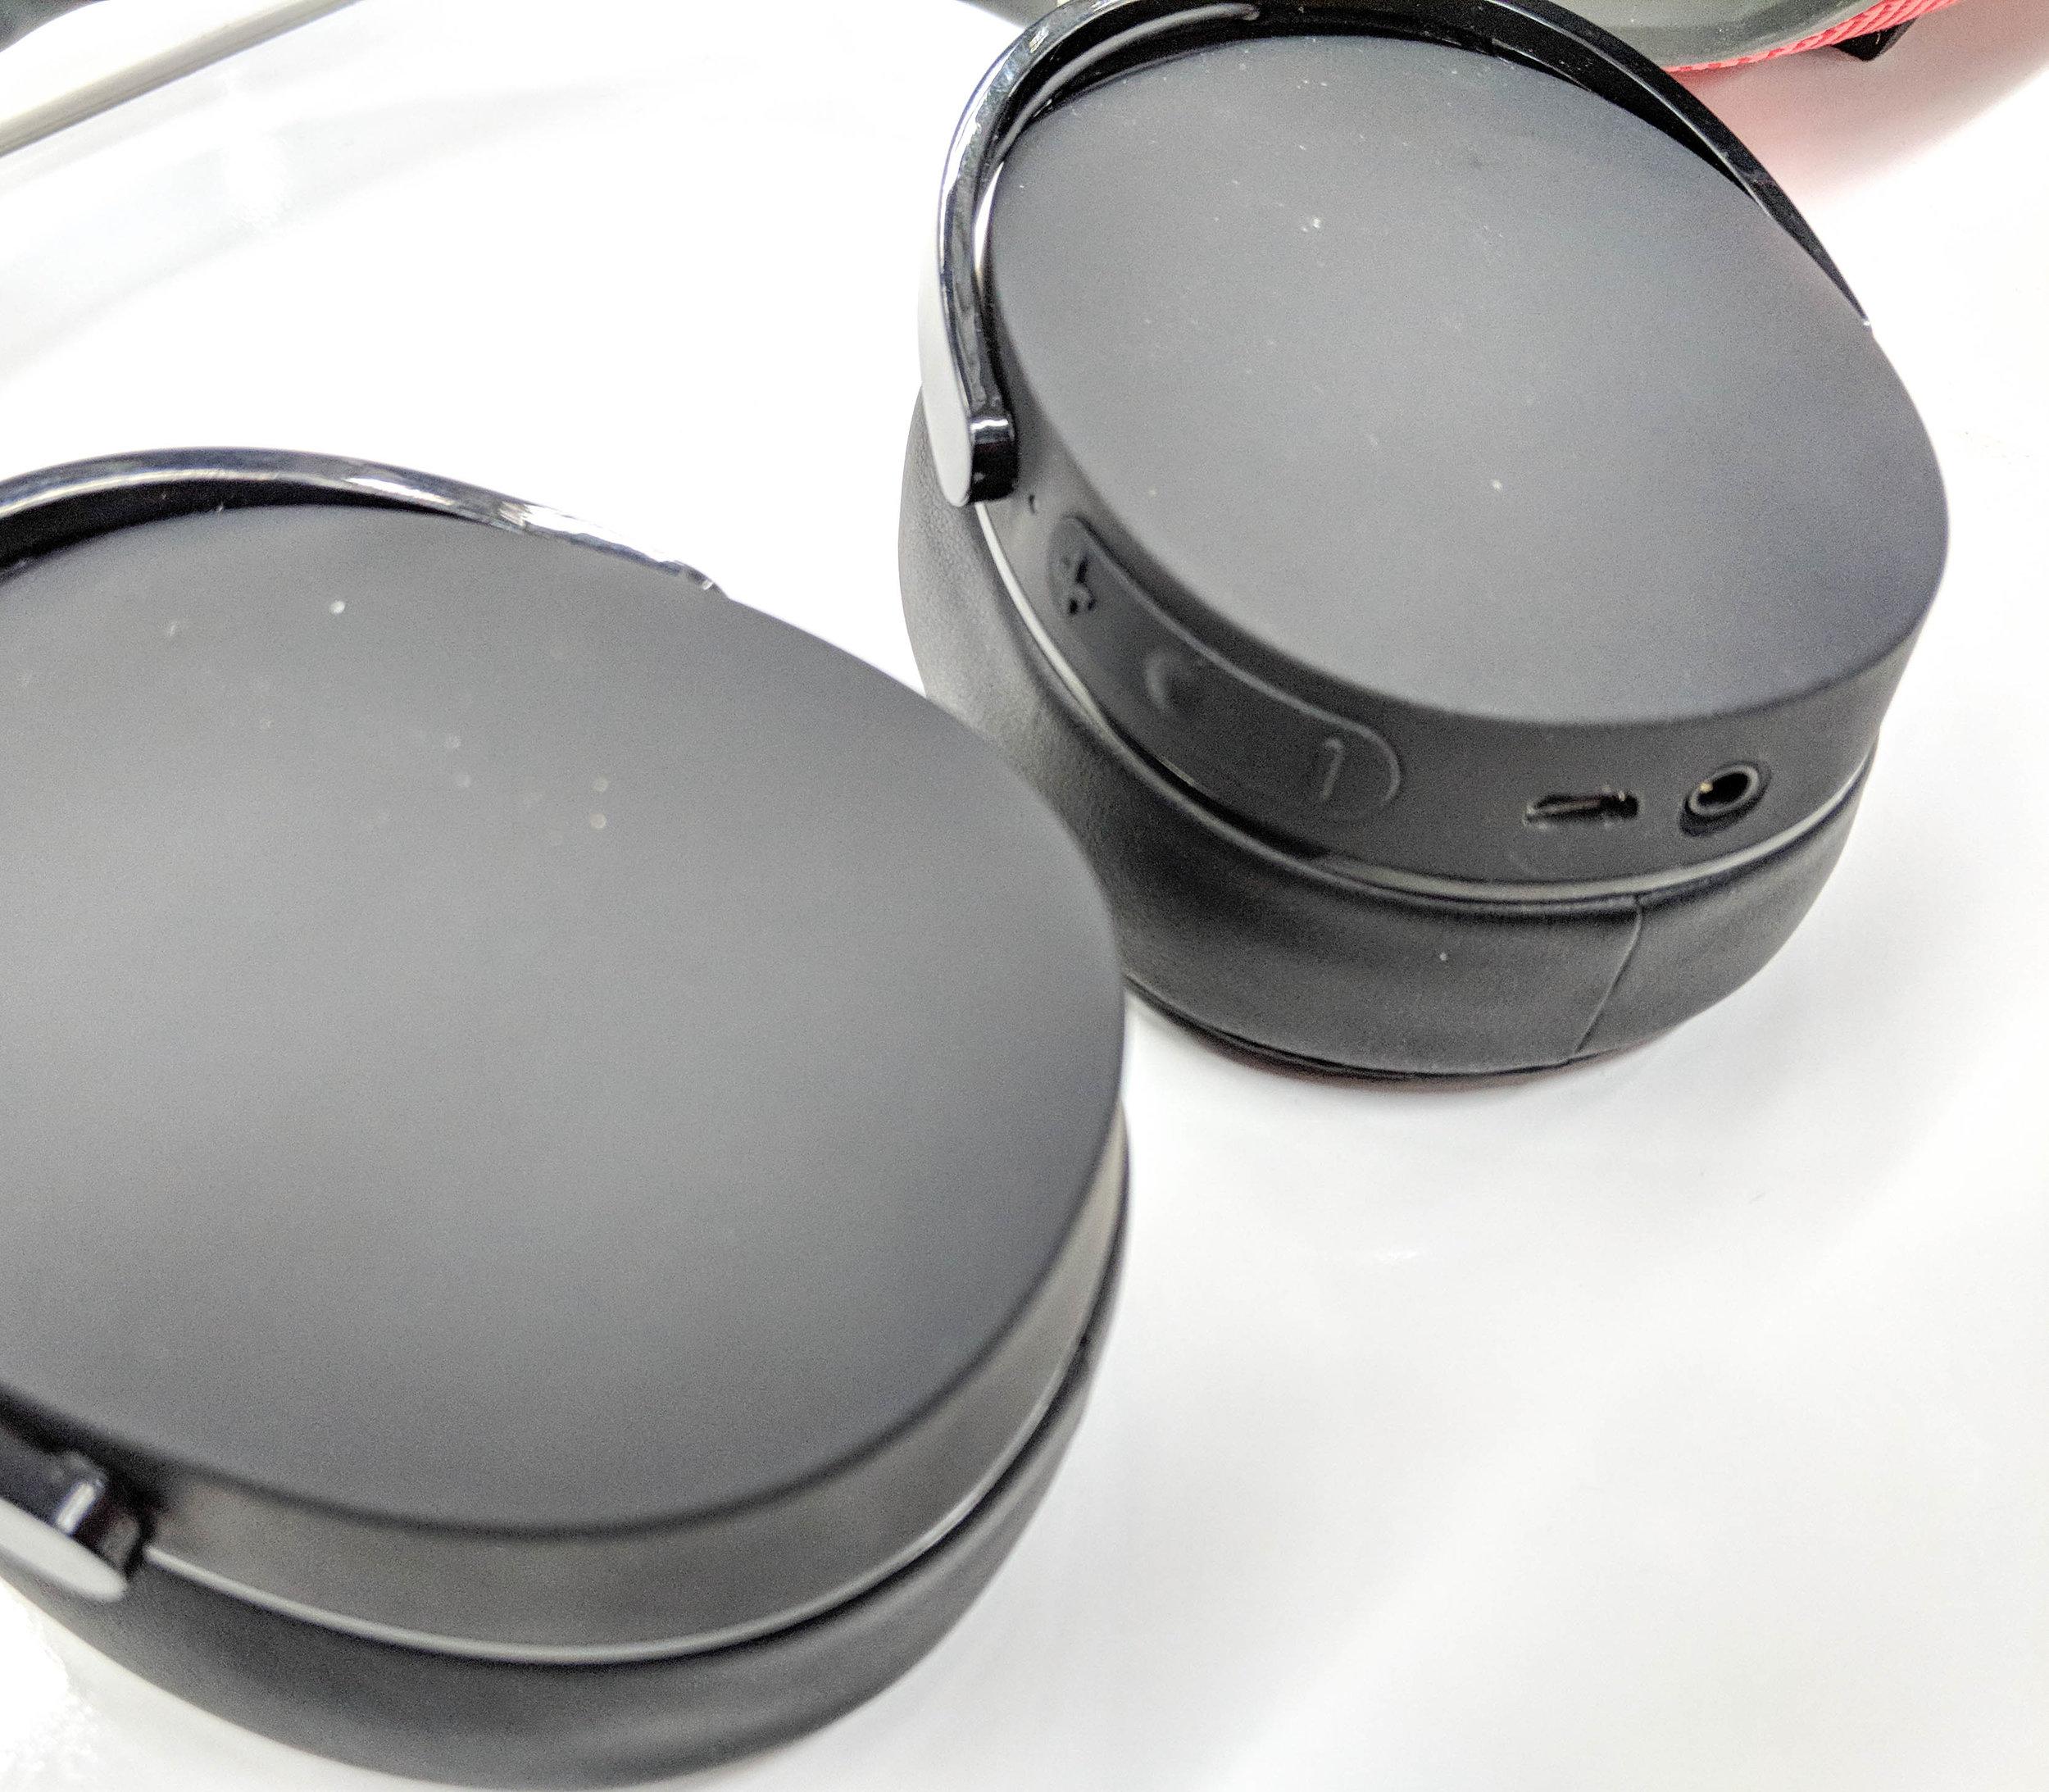 Skullcandy-Hesh-3-wireless